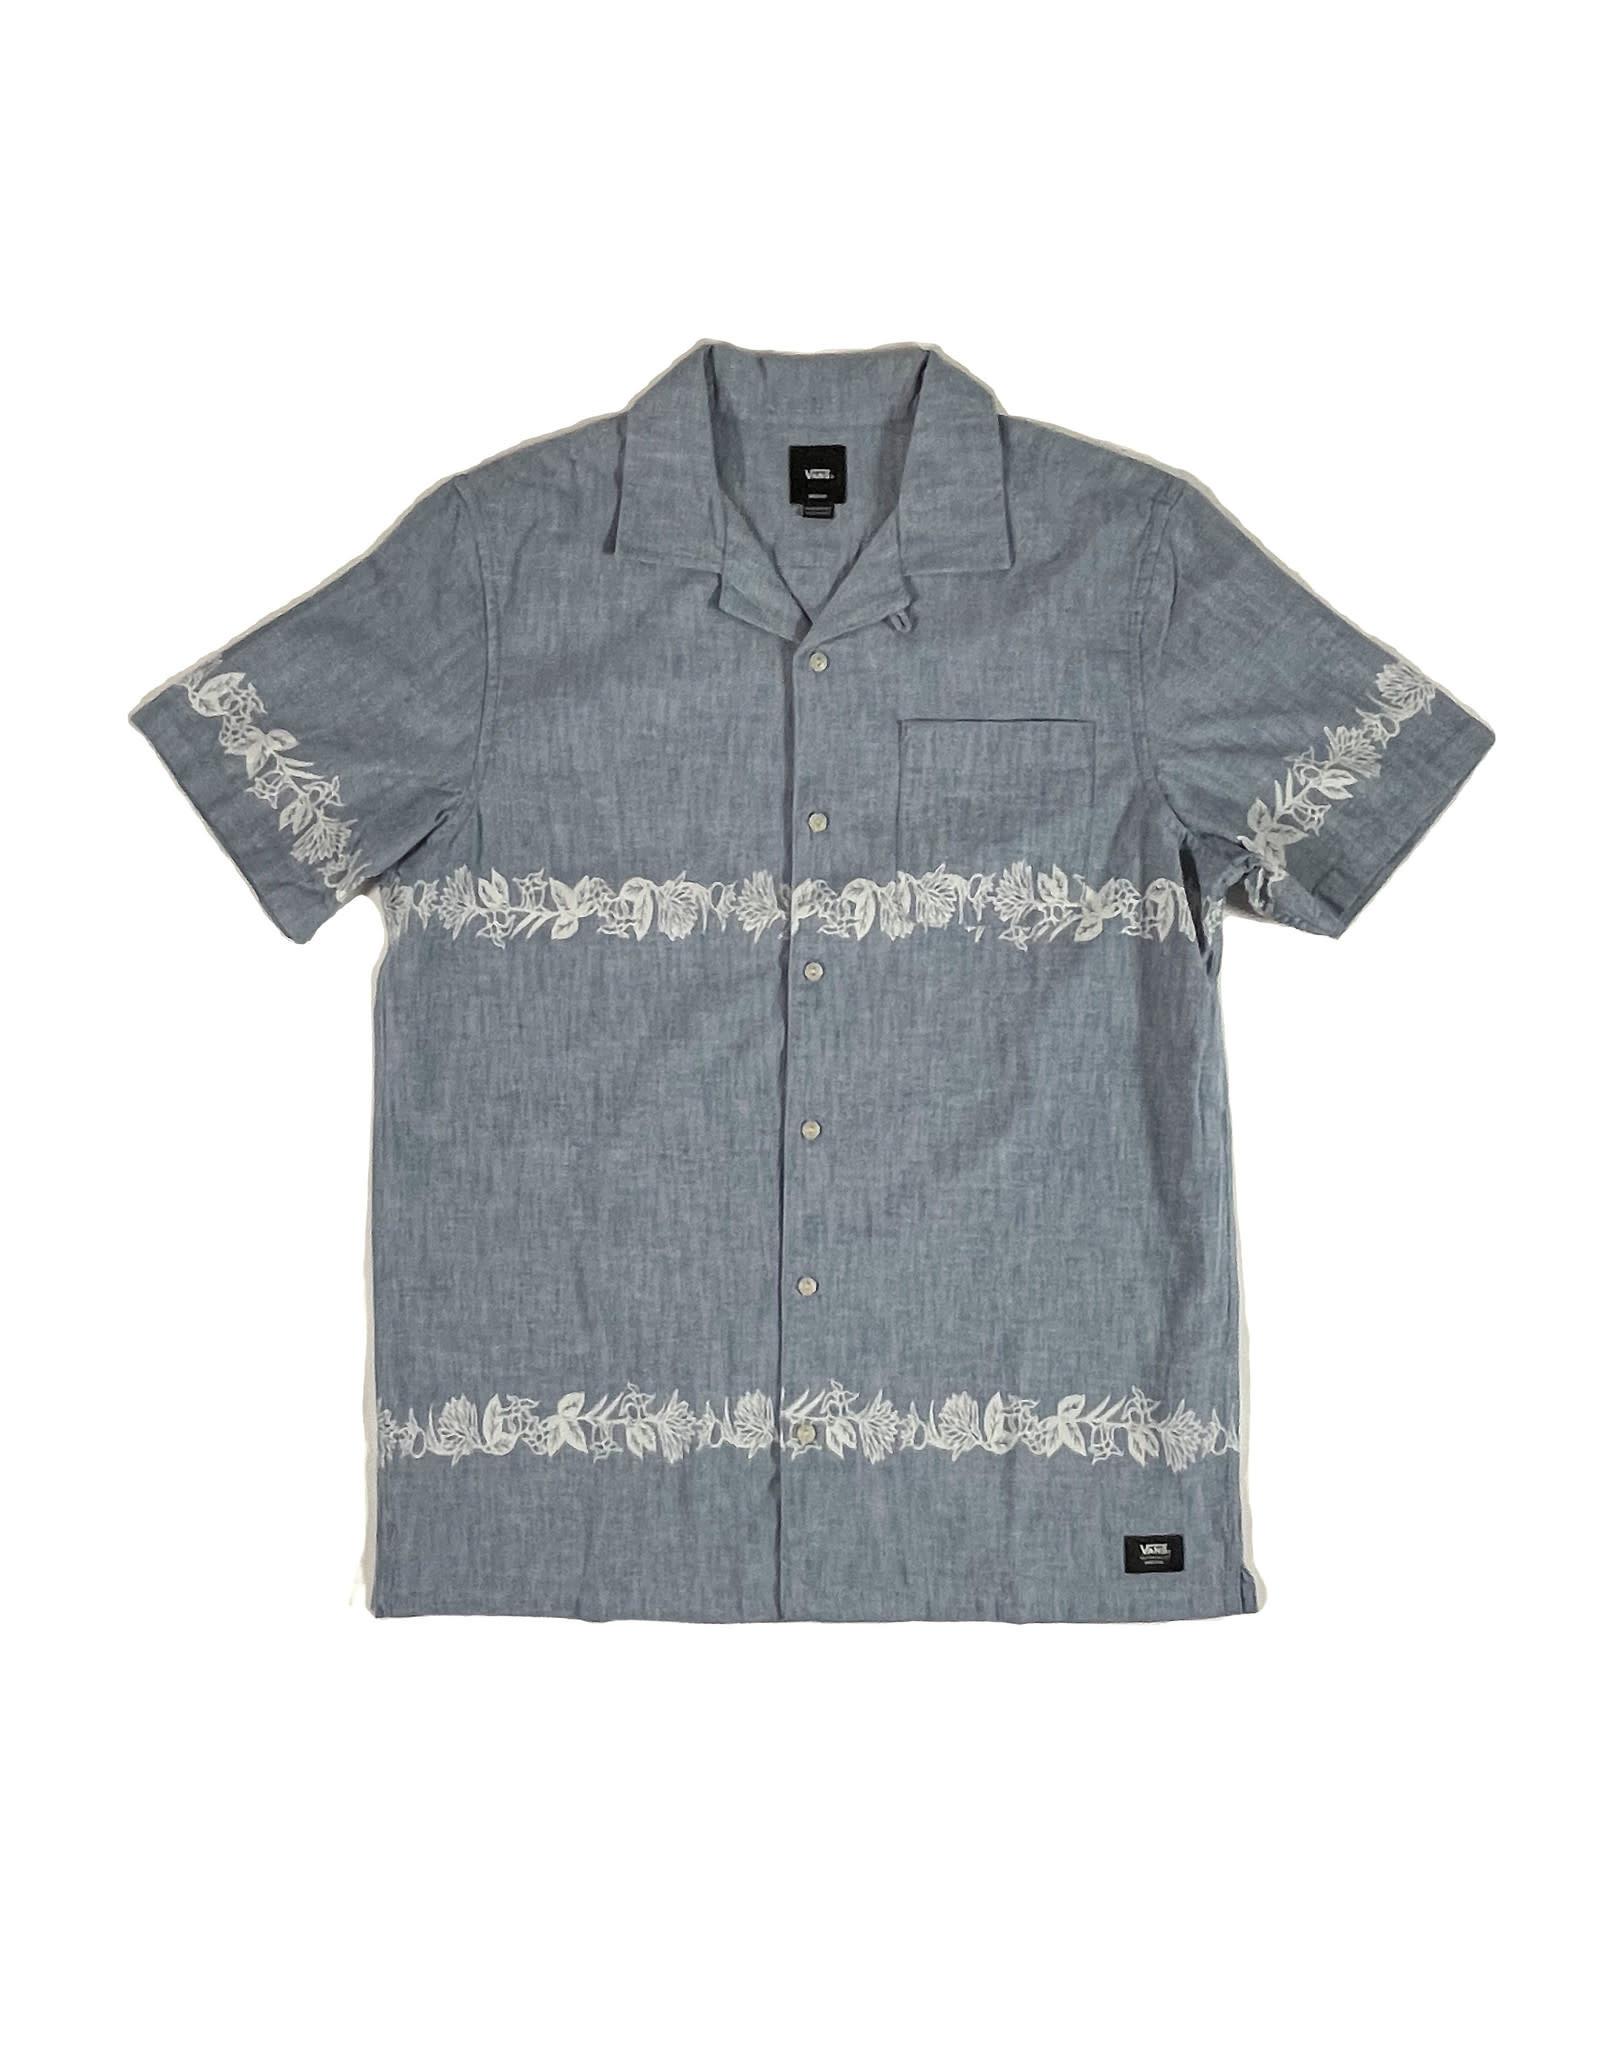 Vans Dronfield Shirt - Dress blue